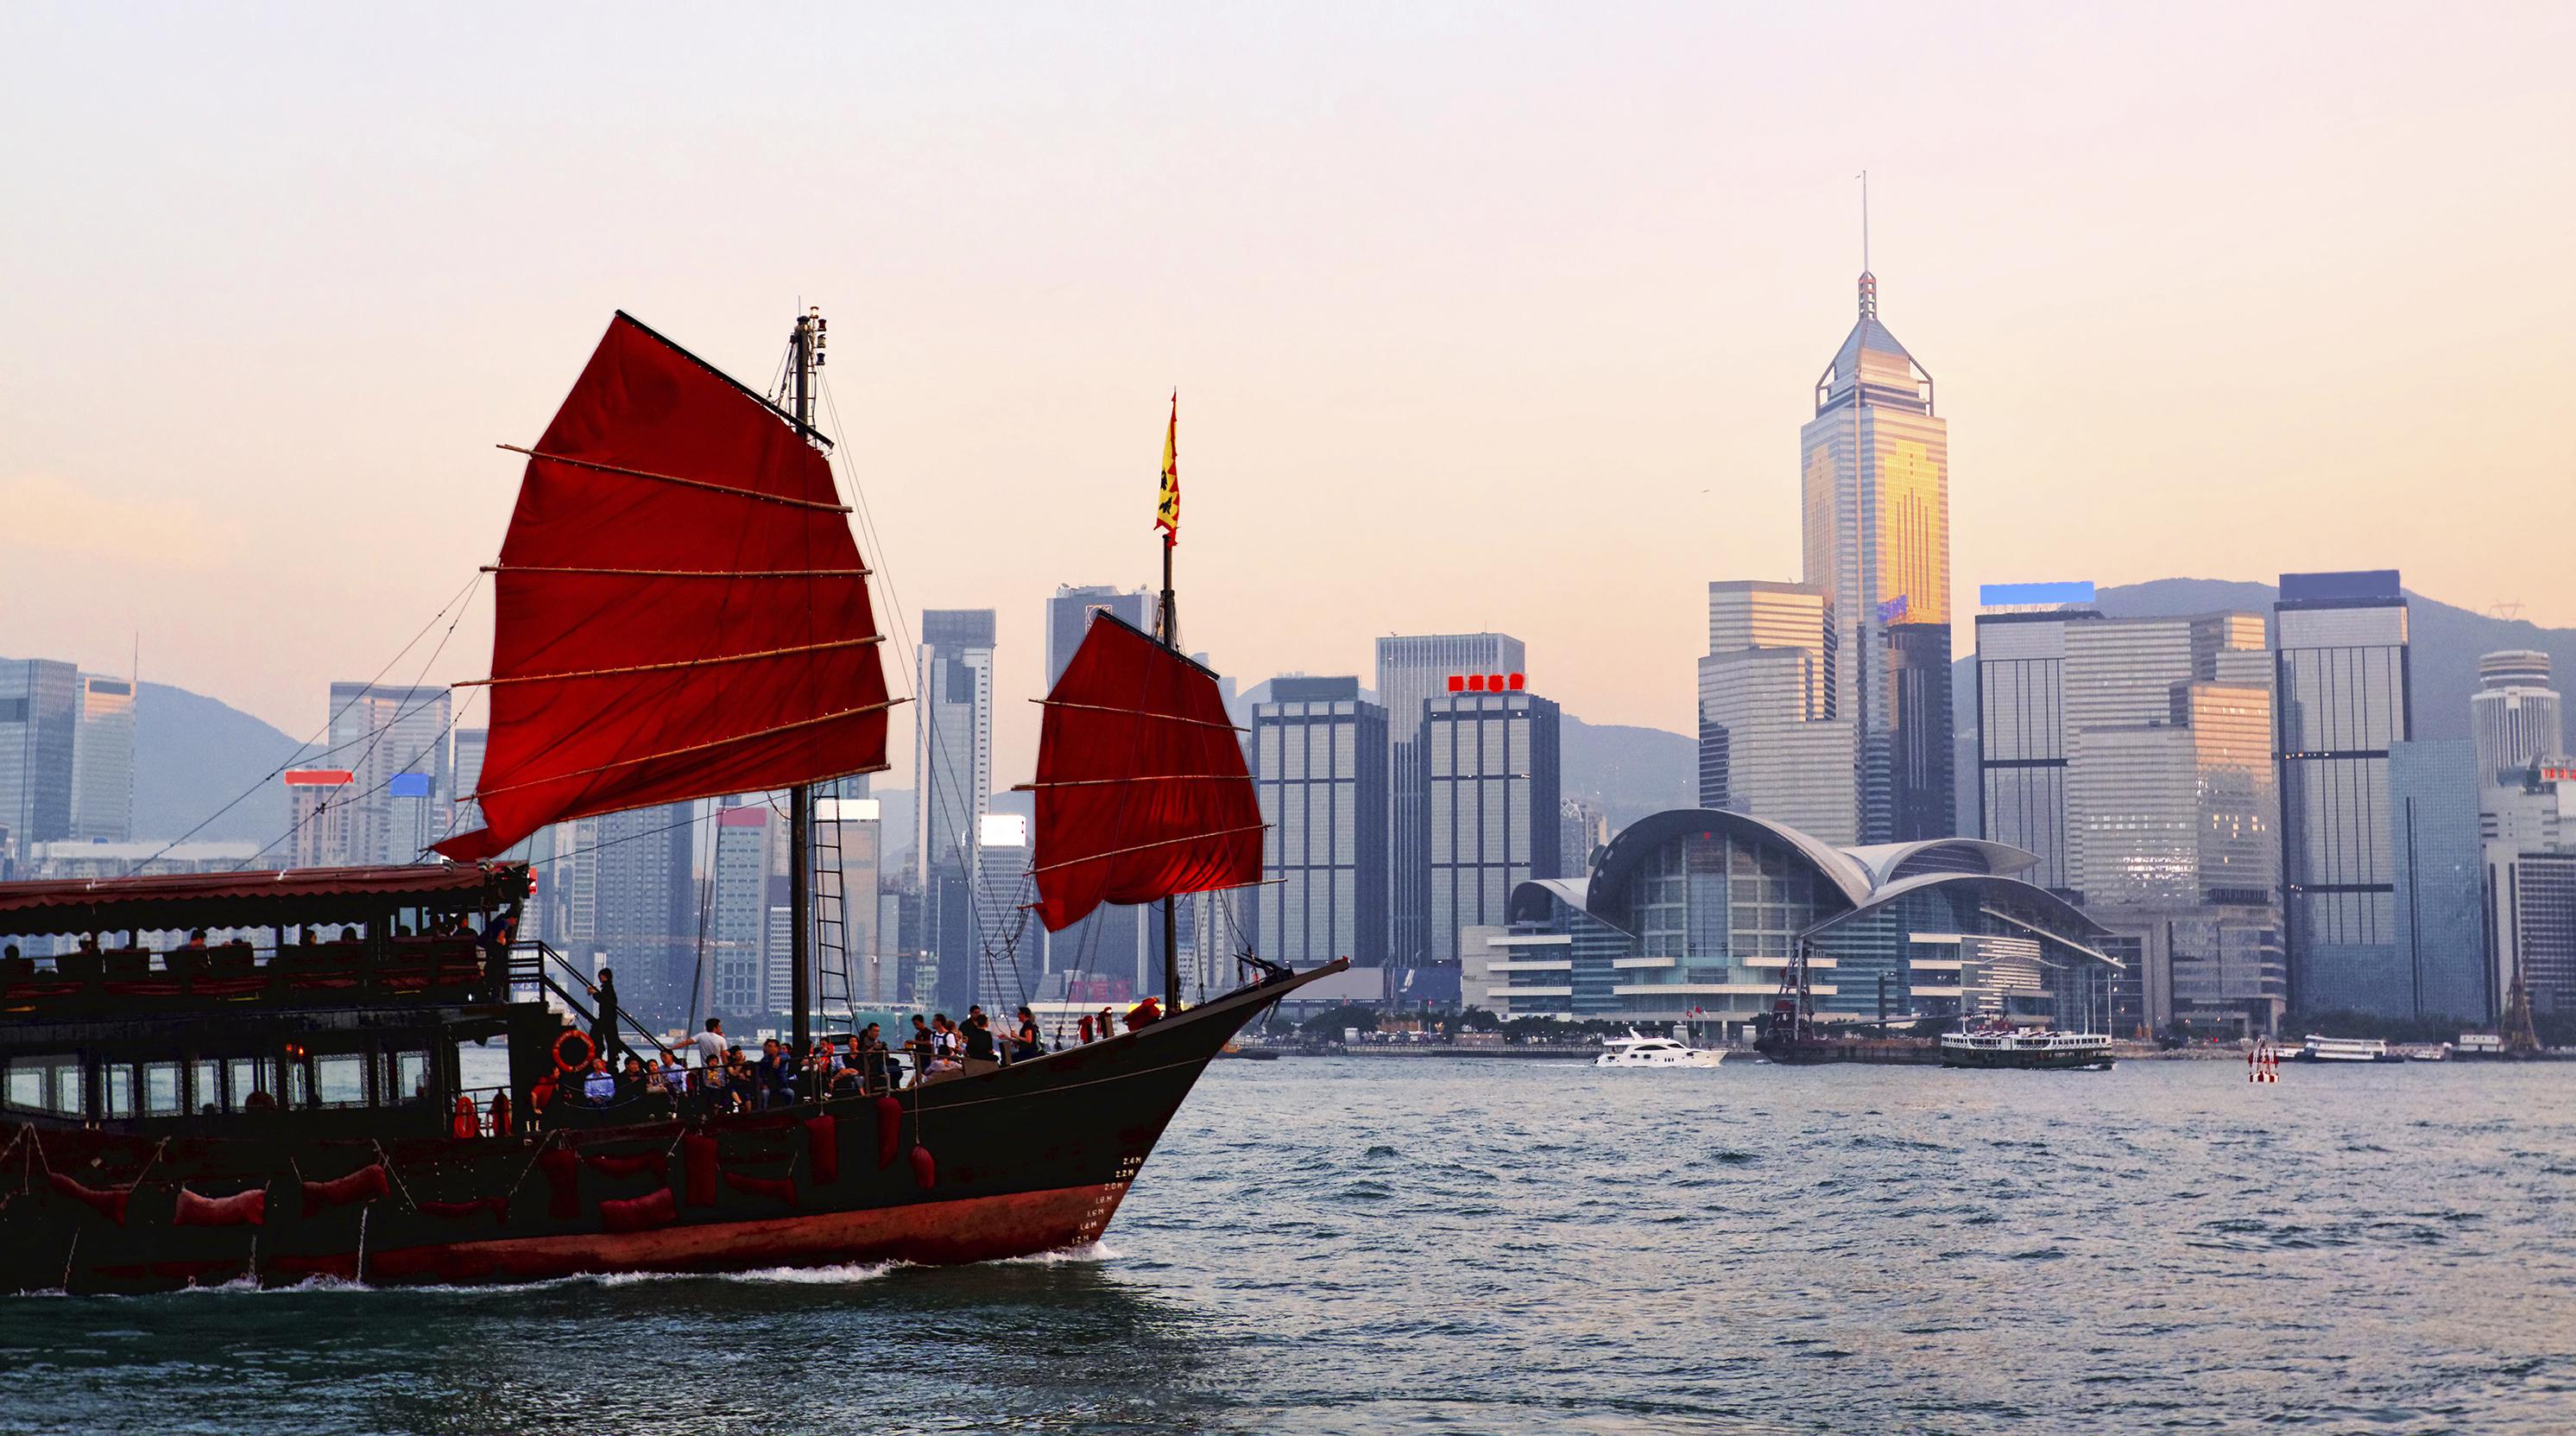 [홍콩베스트No.1] 홍콩 자유여행 꽉찬 2박3일/3박4일 (피크트램+보험포함)